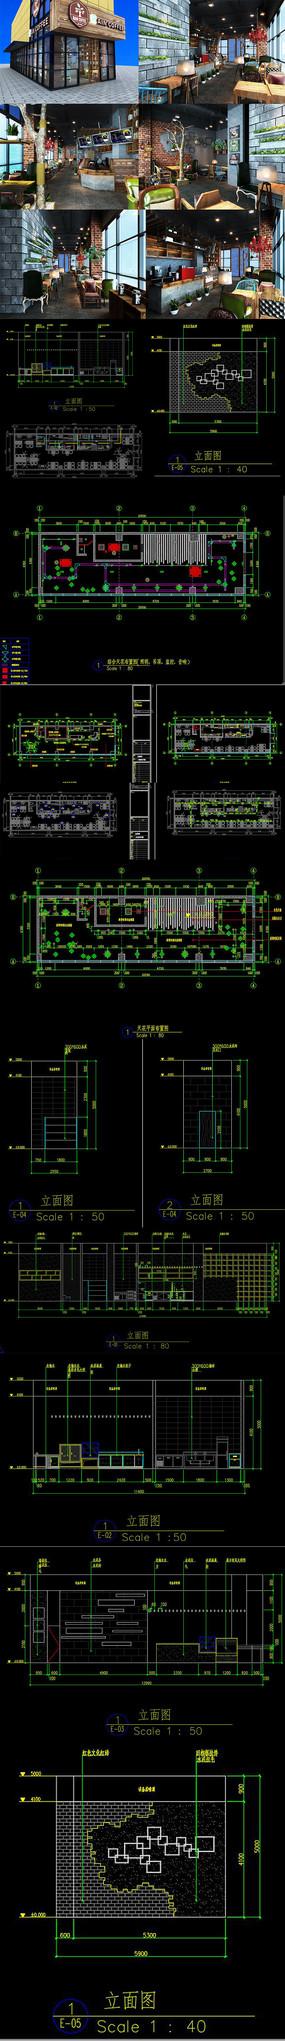 咖啡厅CAD图纸 3DMAX模型